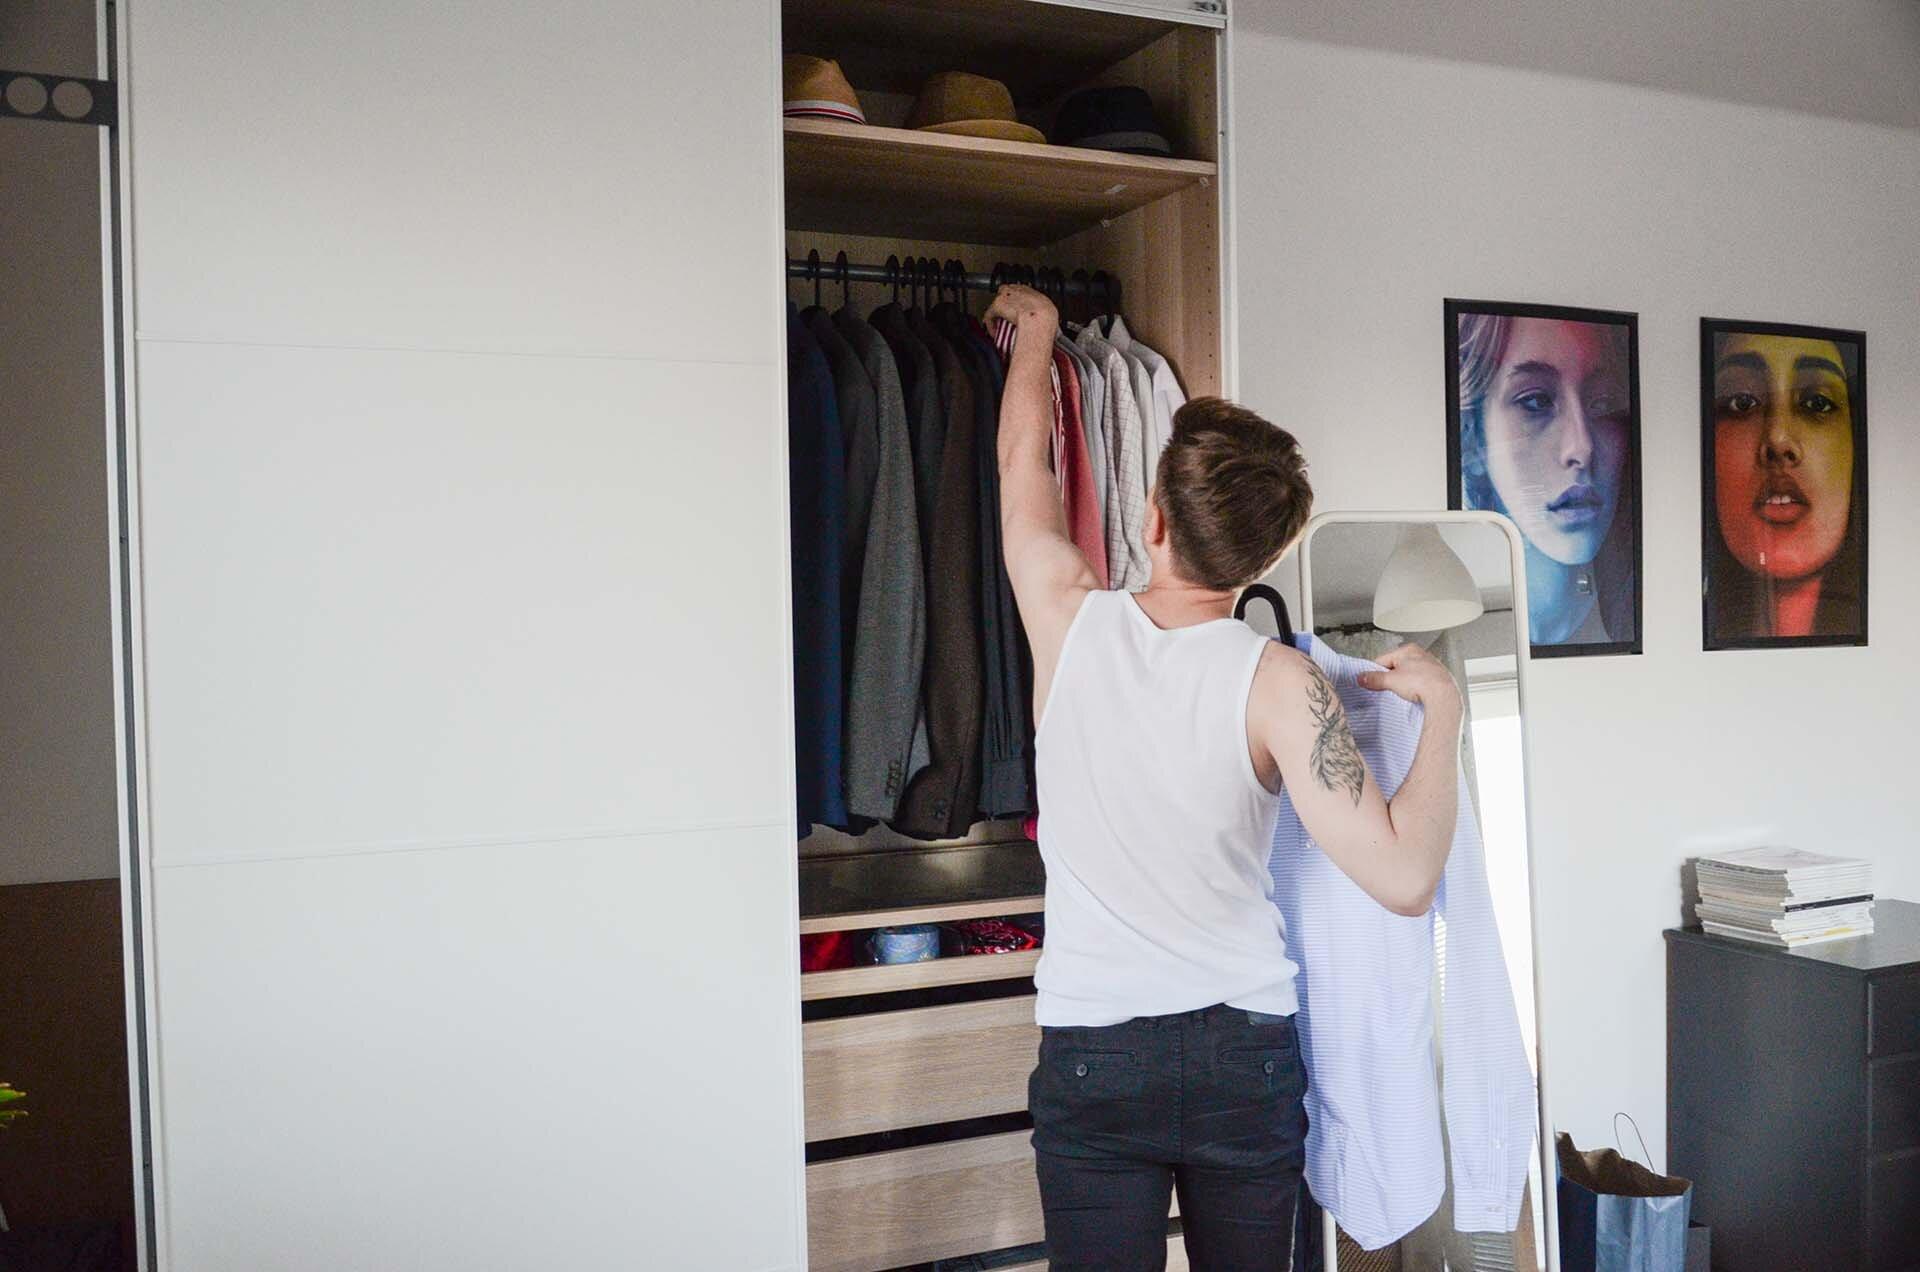 Jak utrzymać porządek w szafie? Czym jest właściwa organizacja szafy?